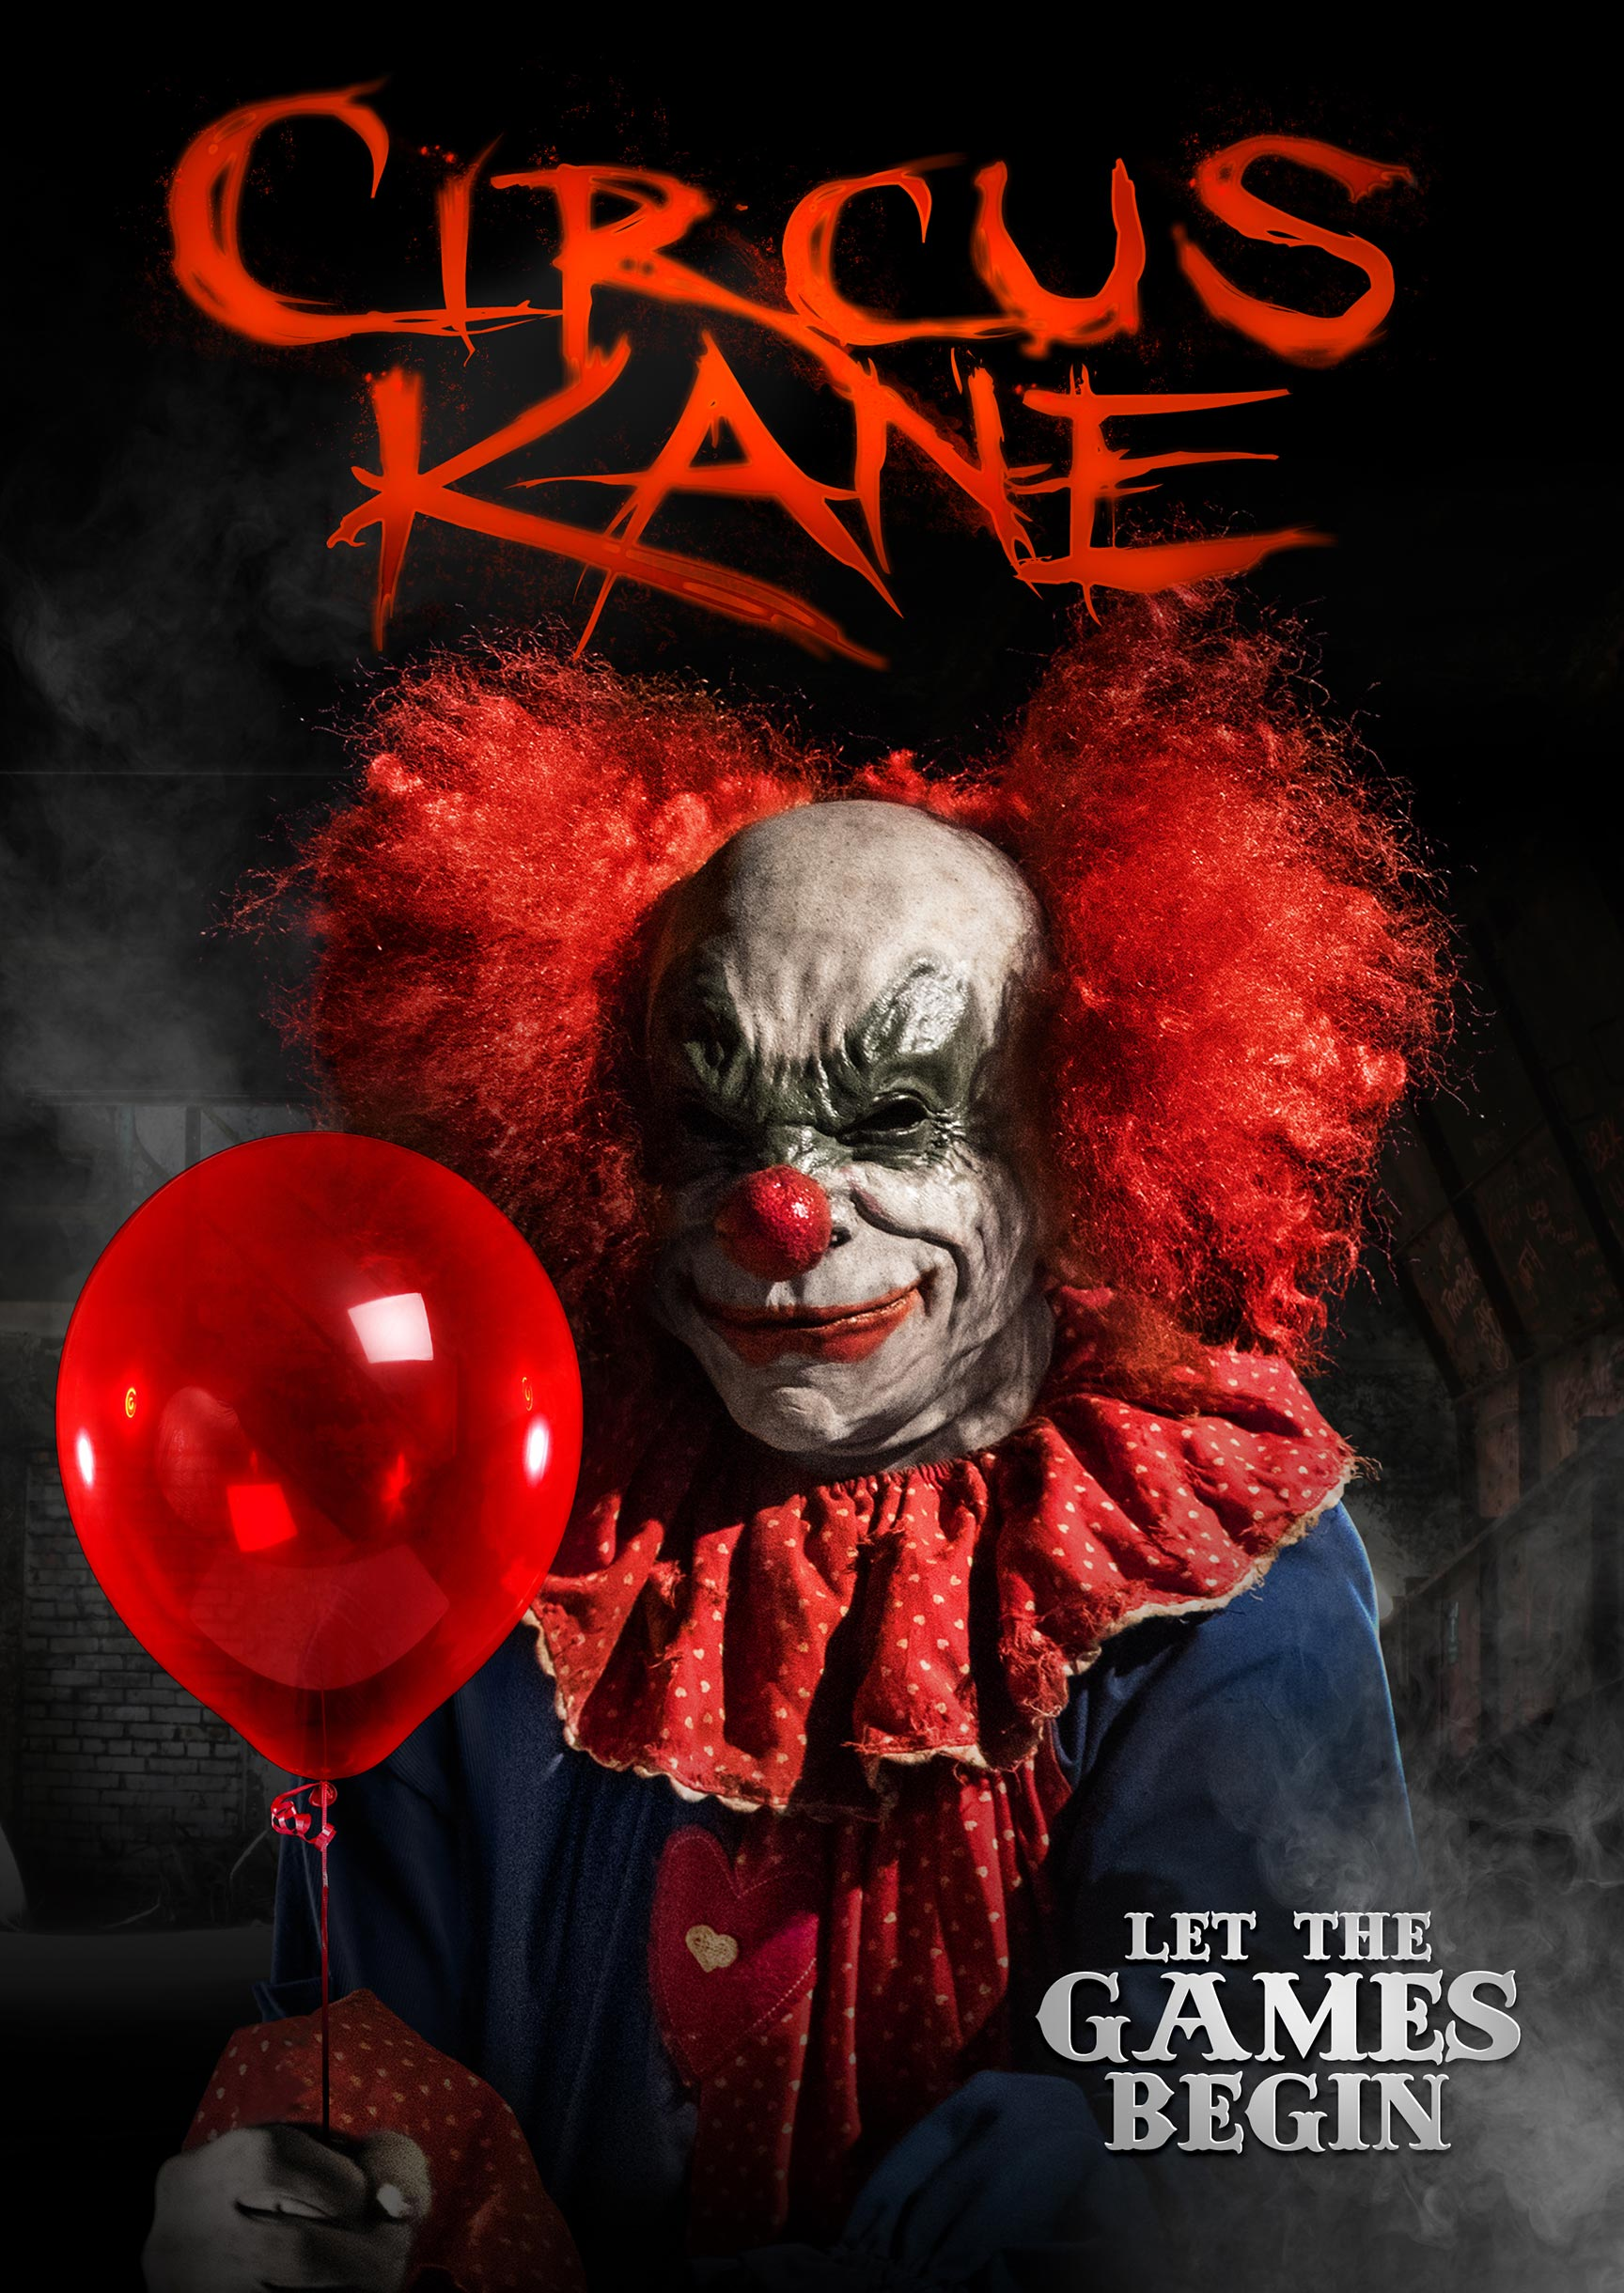 Circus Kane Poster #1